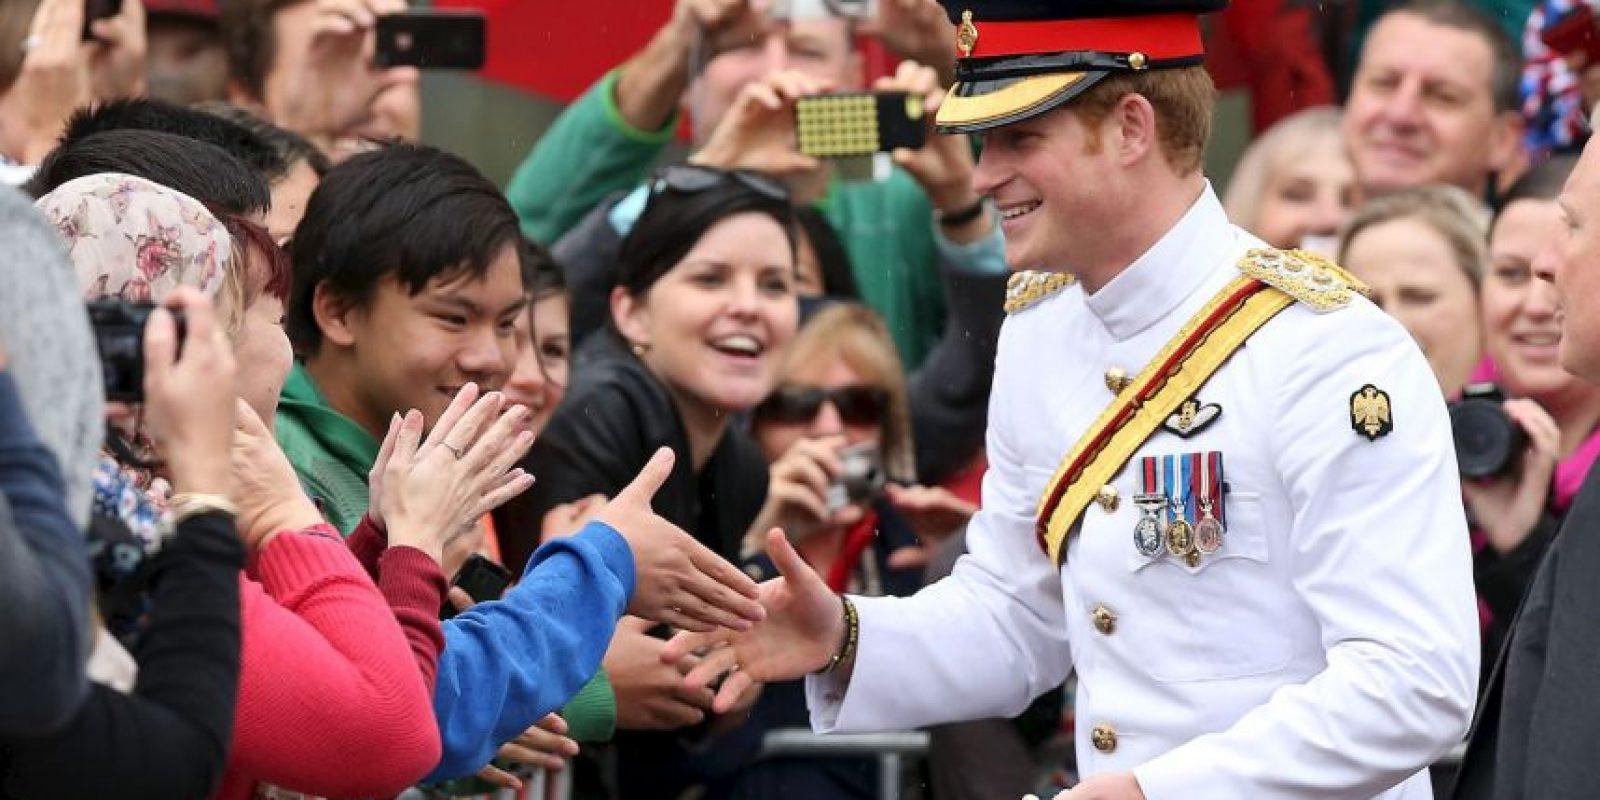 El príncipe Harry ocupa el cuarto lugar en la línea de sucesión de la reina Isabel II. Foto:Getty Images